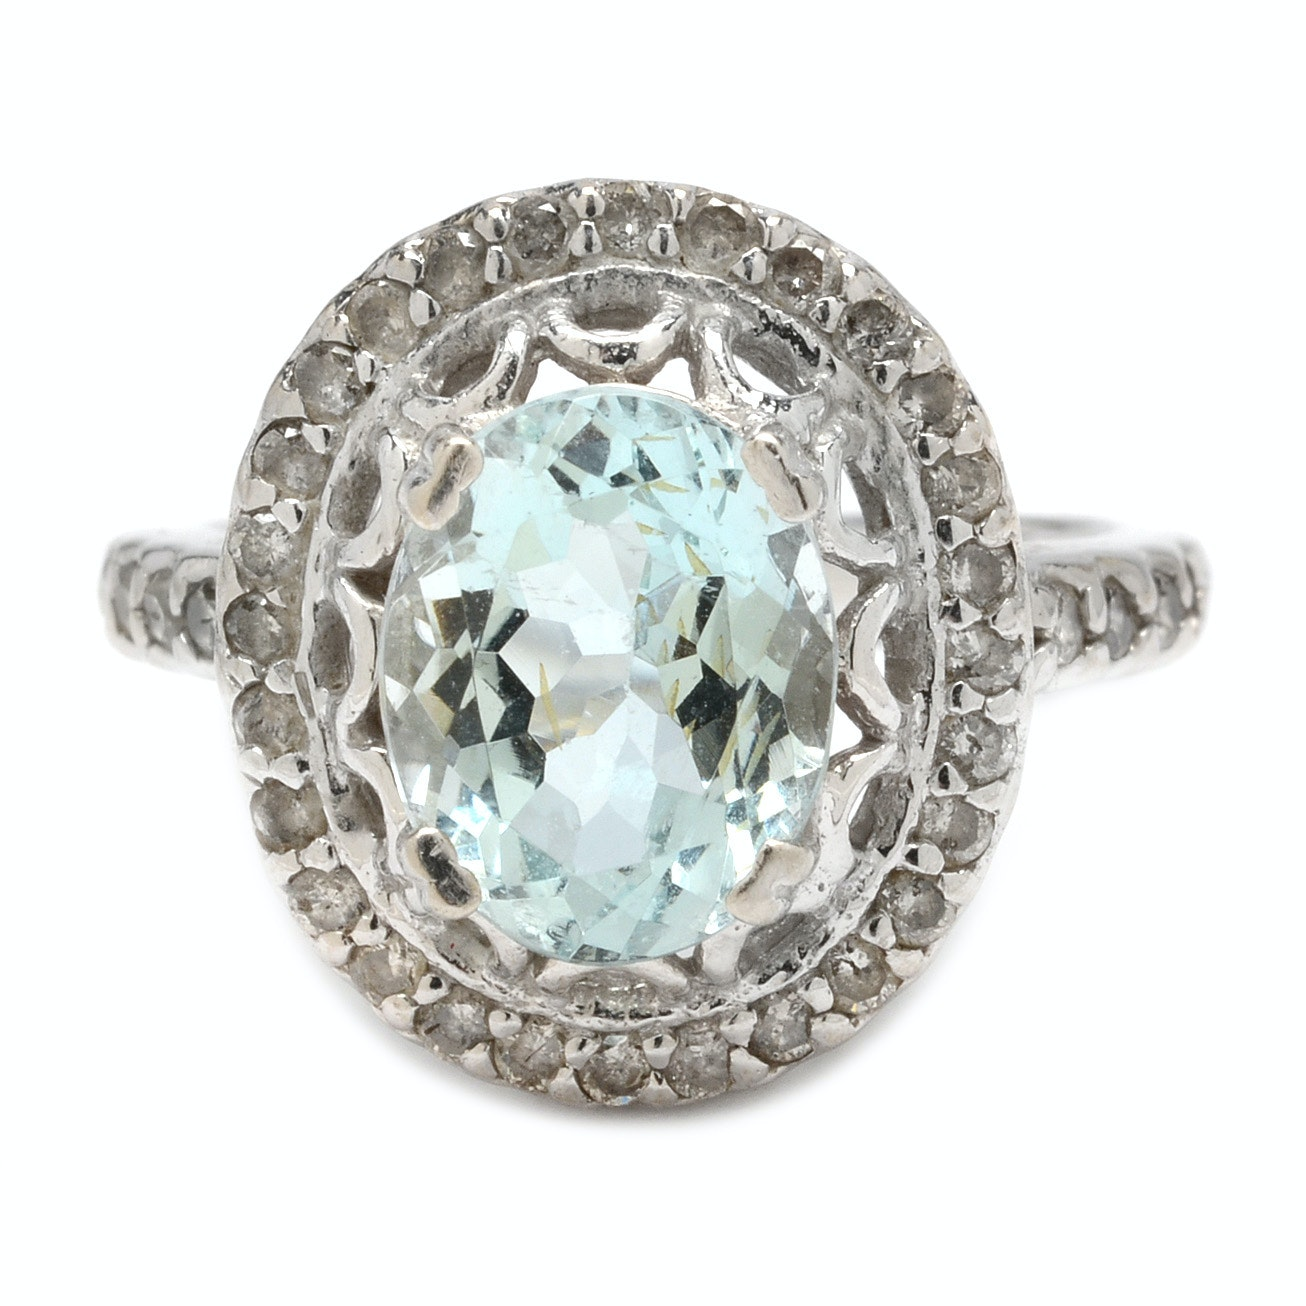 14K White Gold Aquamarine and Diamond Ring